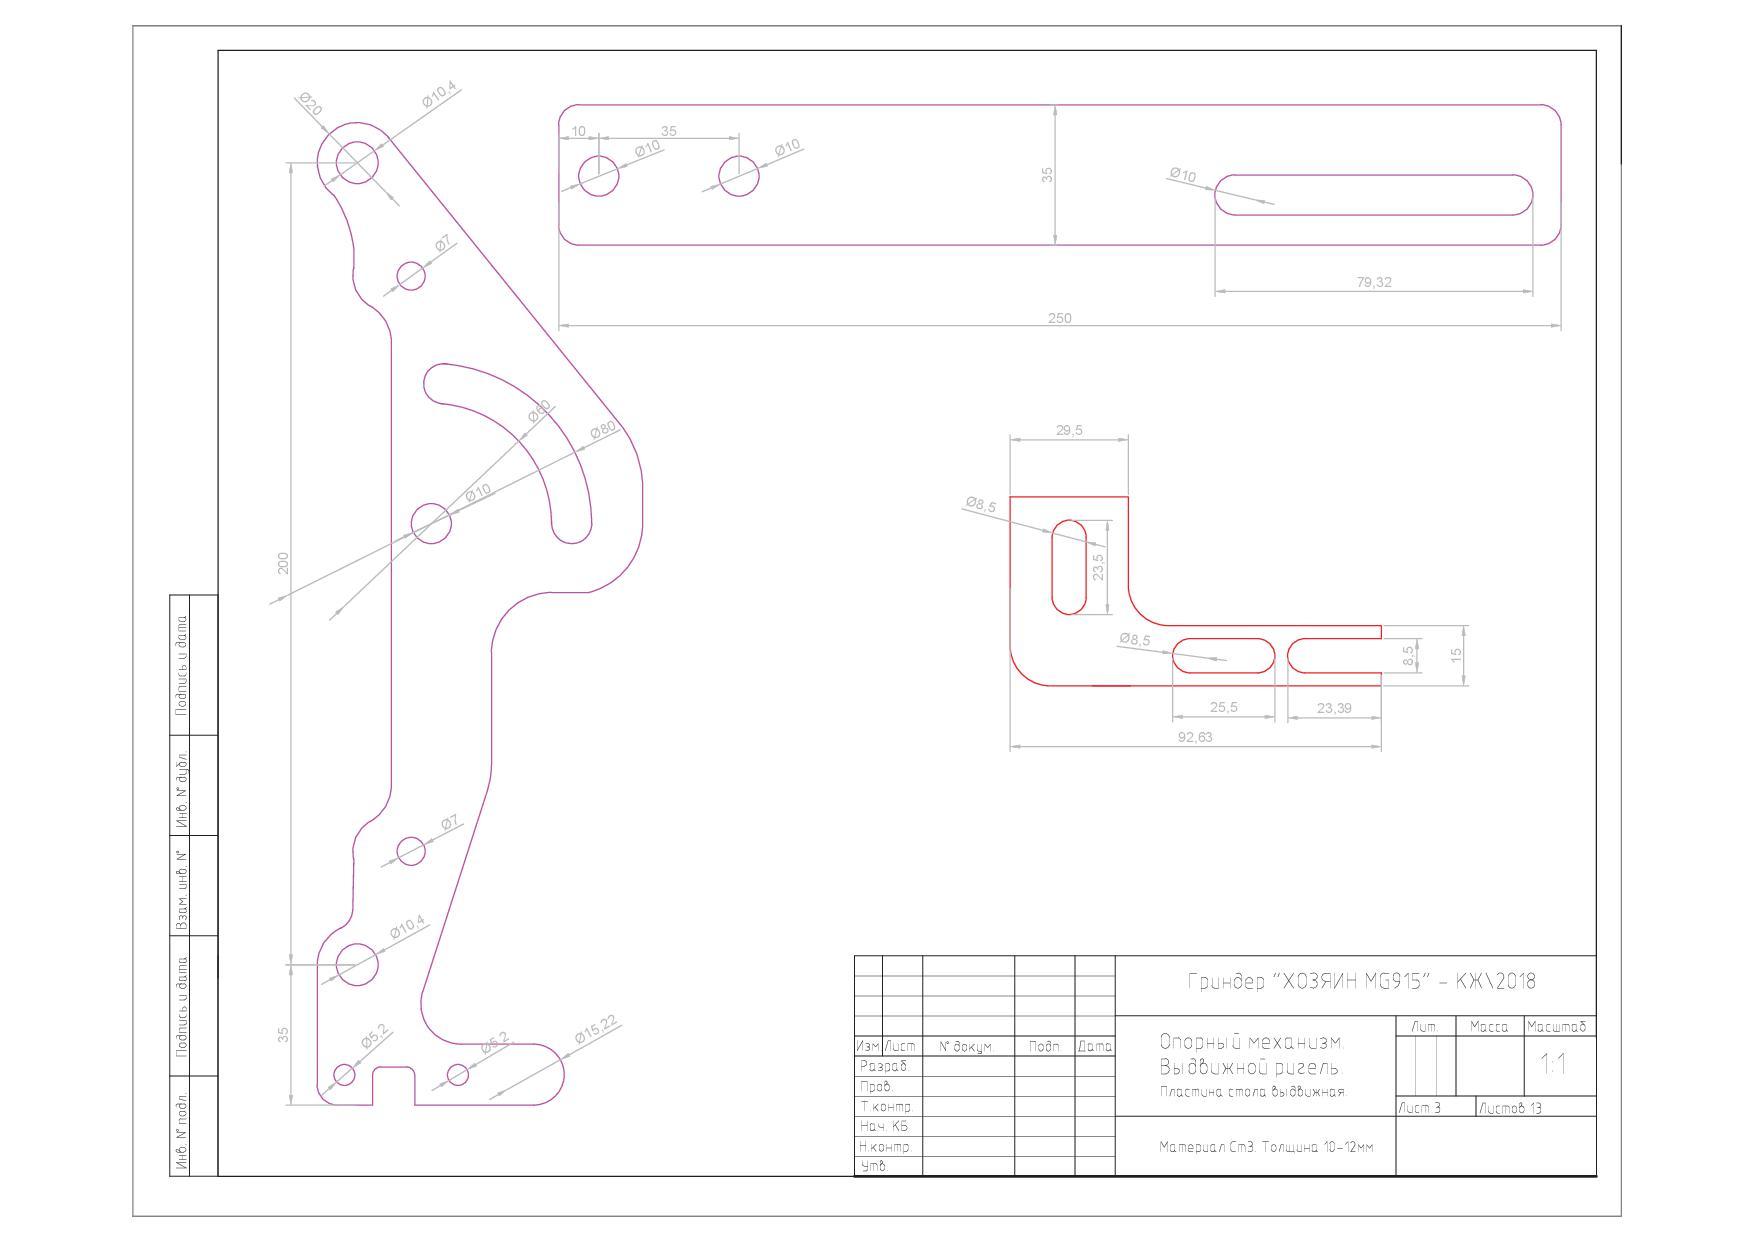 Гриндер своими руками по готовым чертежам: идеи для создания полезного инструмента